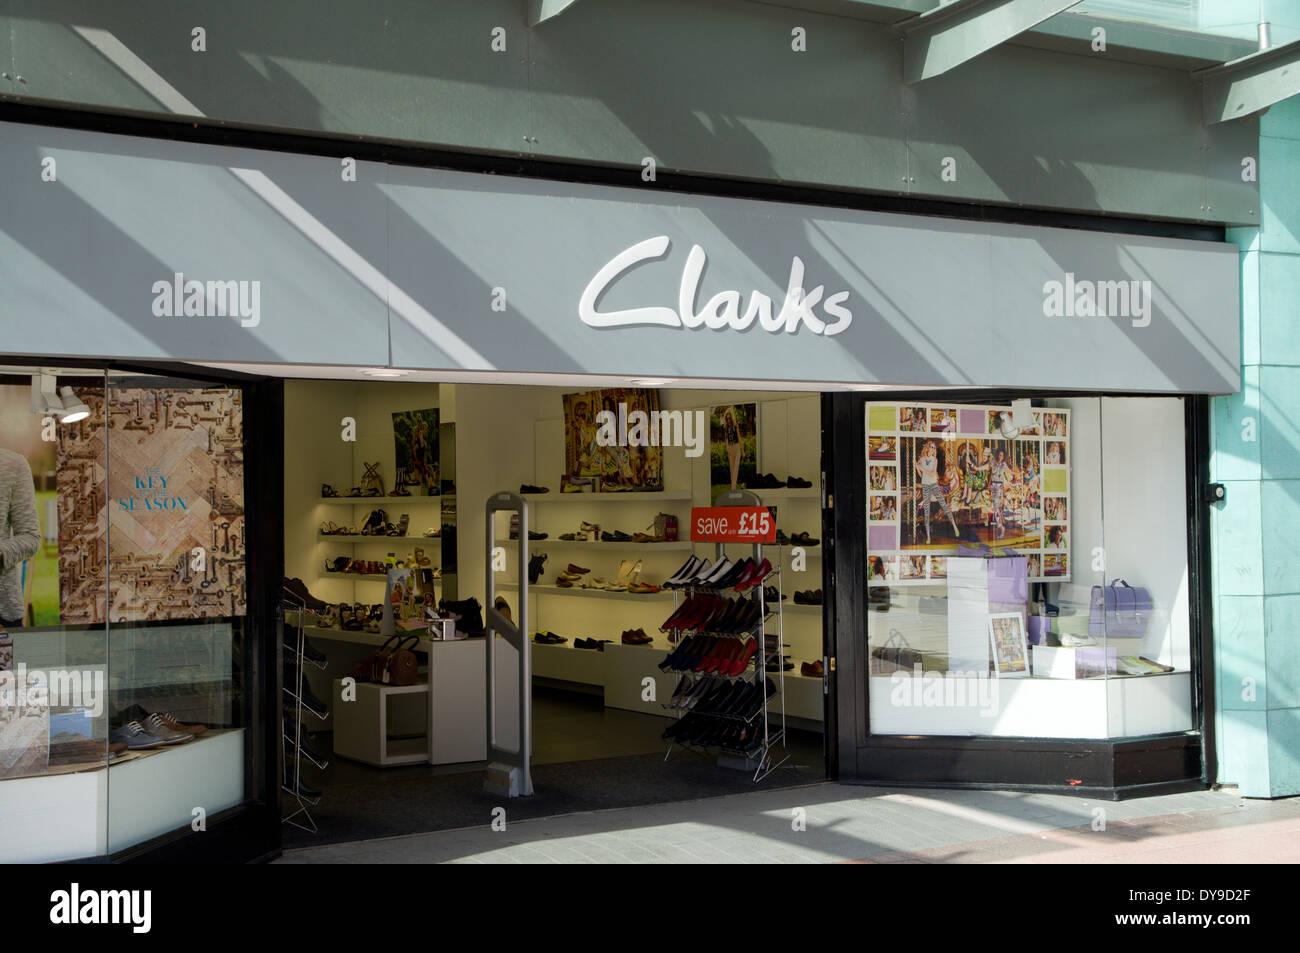 Clarks Shoe Shop Immagini & Clarks Shoe Shop Fotos Stock Alamy